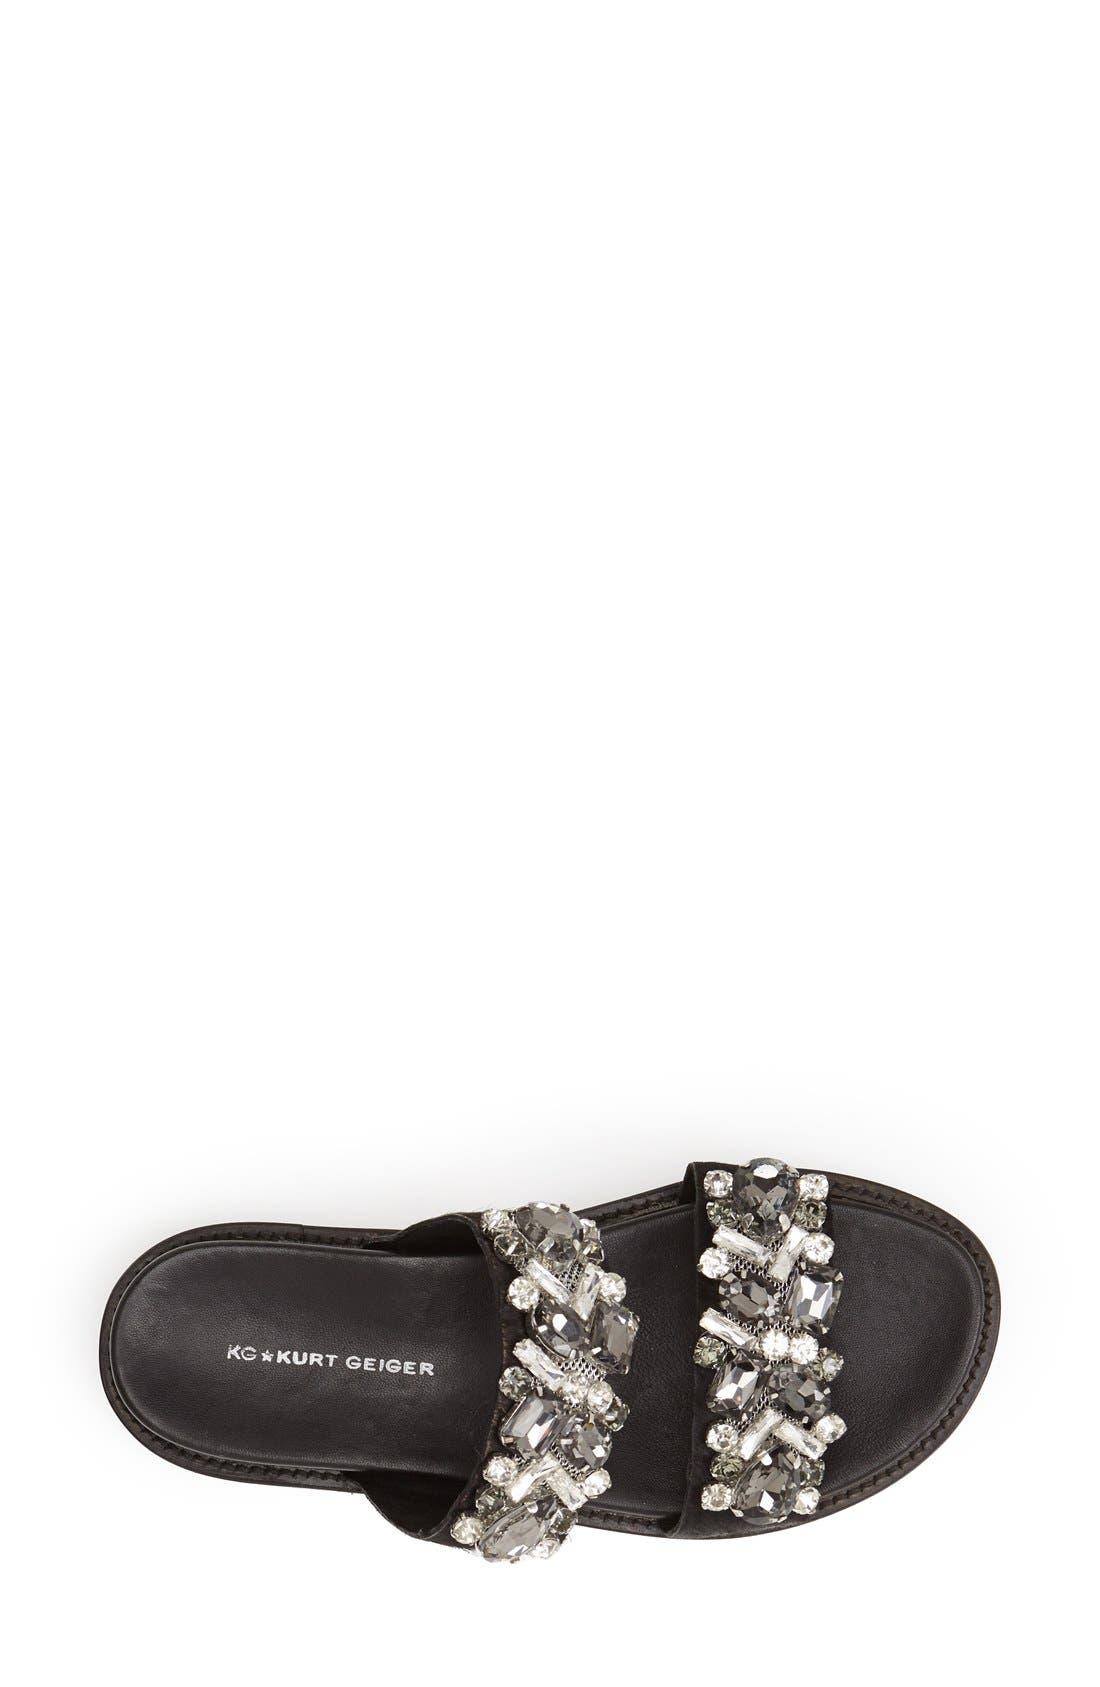 Alternate Image 3  - KG Kurt Geiger 'Monarch' Embellished Calf Hair Slide Sandal (Women)